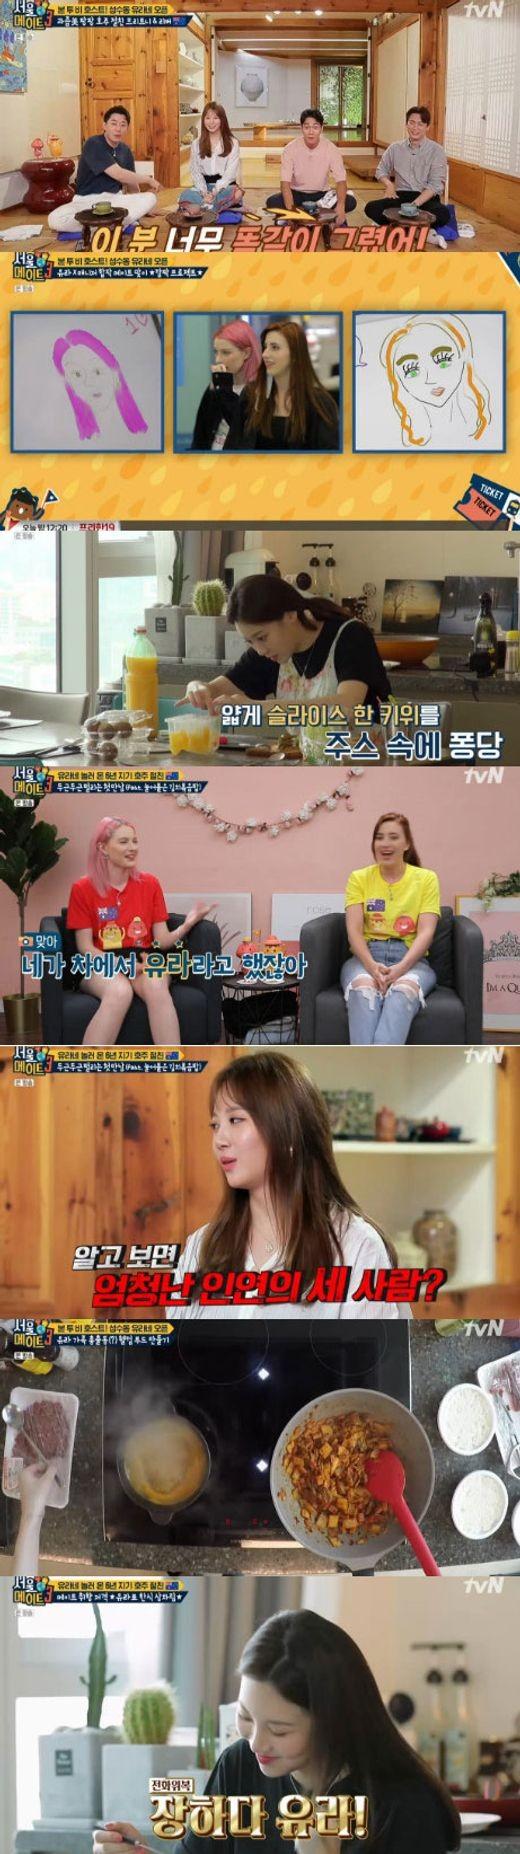 '서울메이트3' 유라X미모의 메이트들, 좌충우돌 요리부터 태권도까지 '첫만남' [종합]